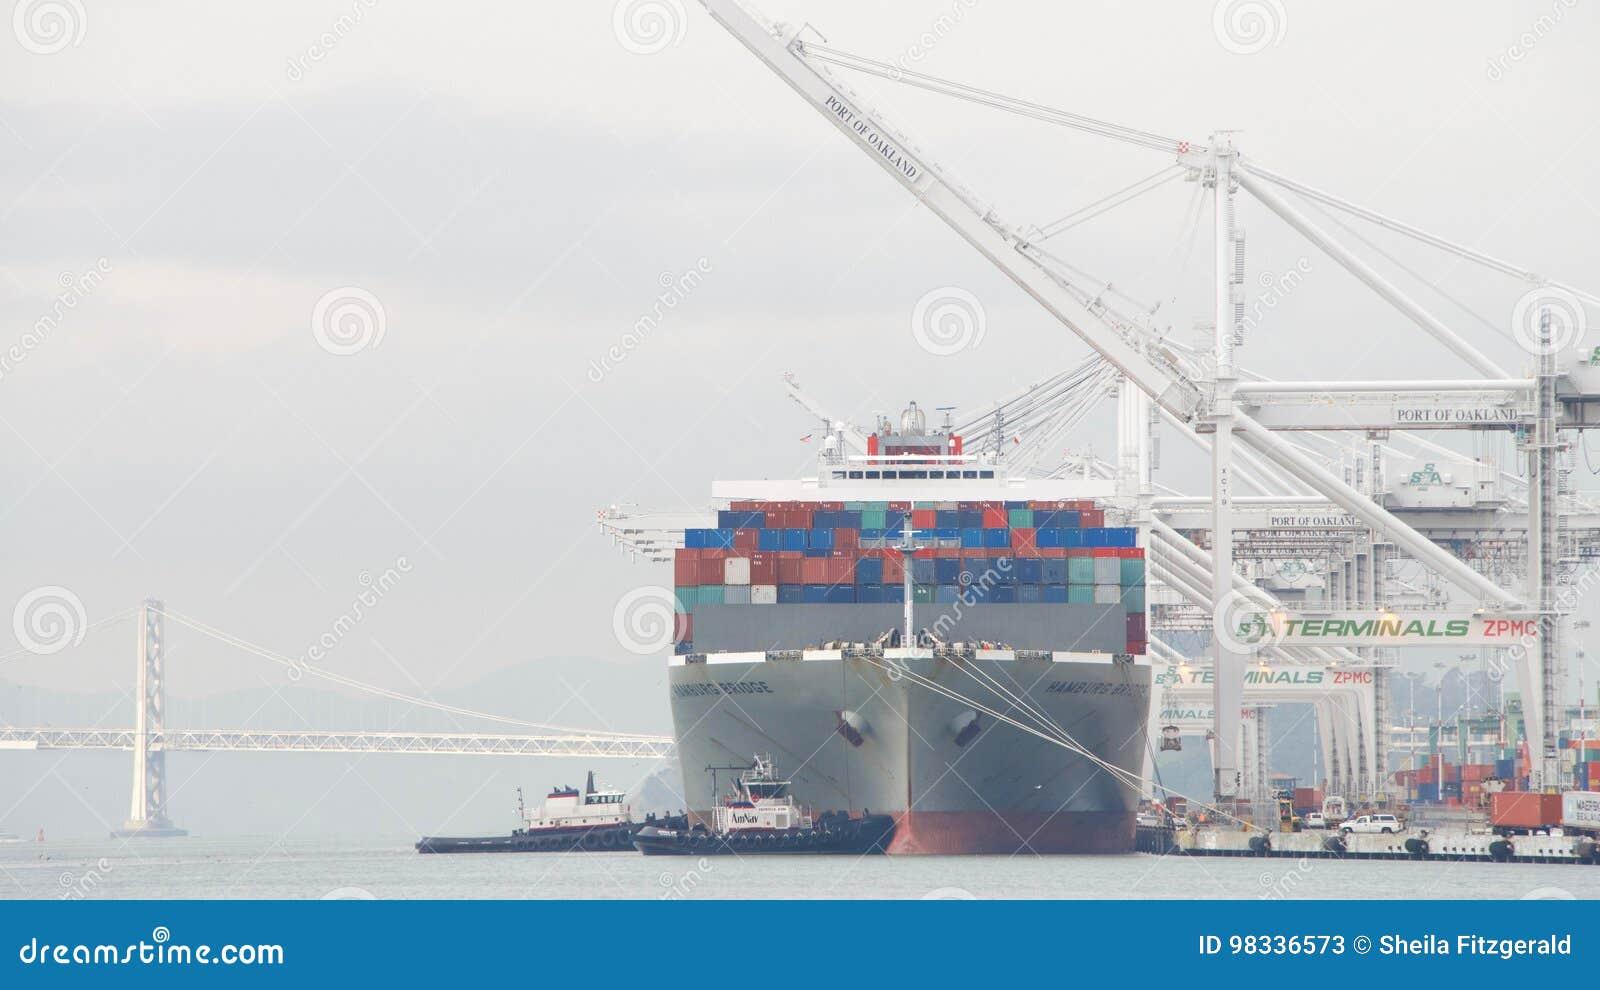 PUENTE de HAMBURGO del buque de carga que sale el puerto de Oakland